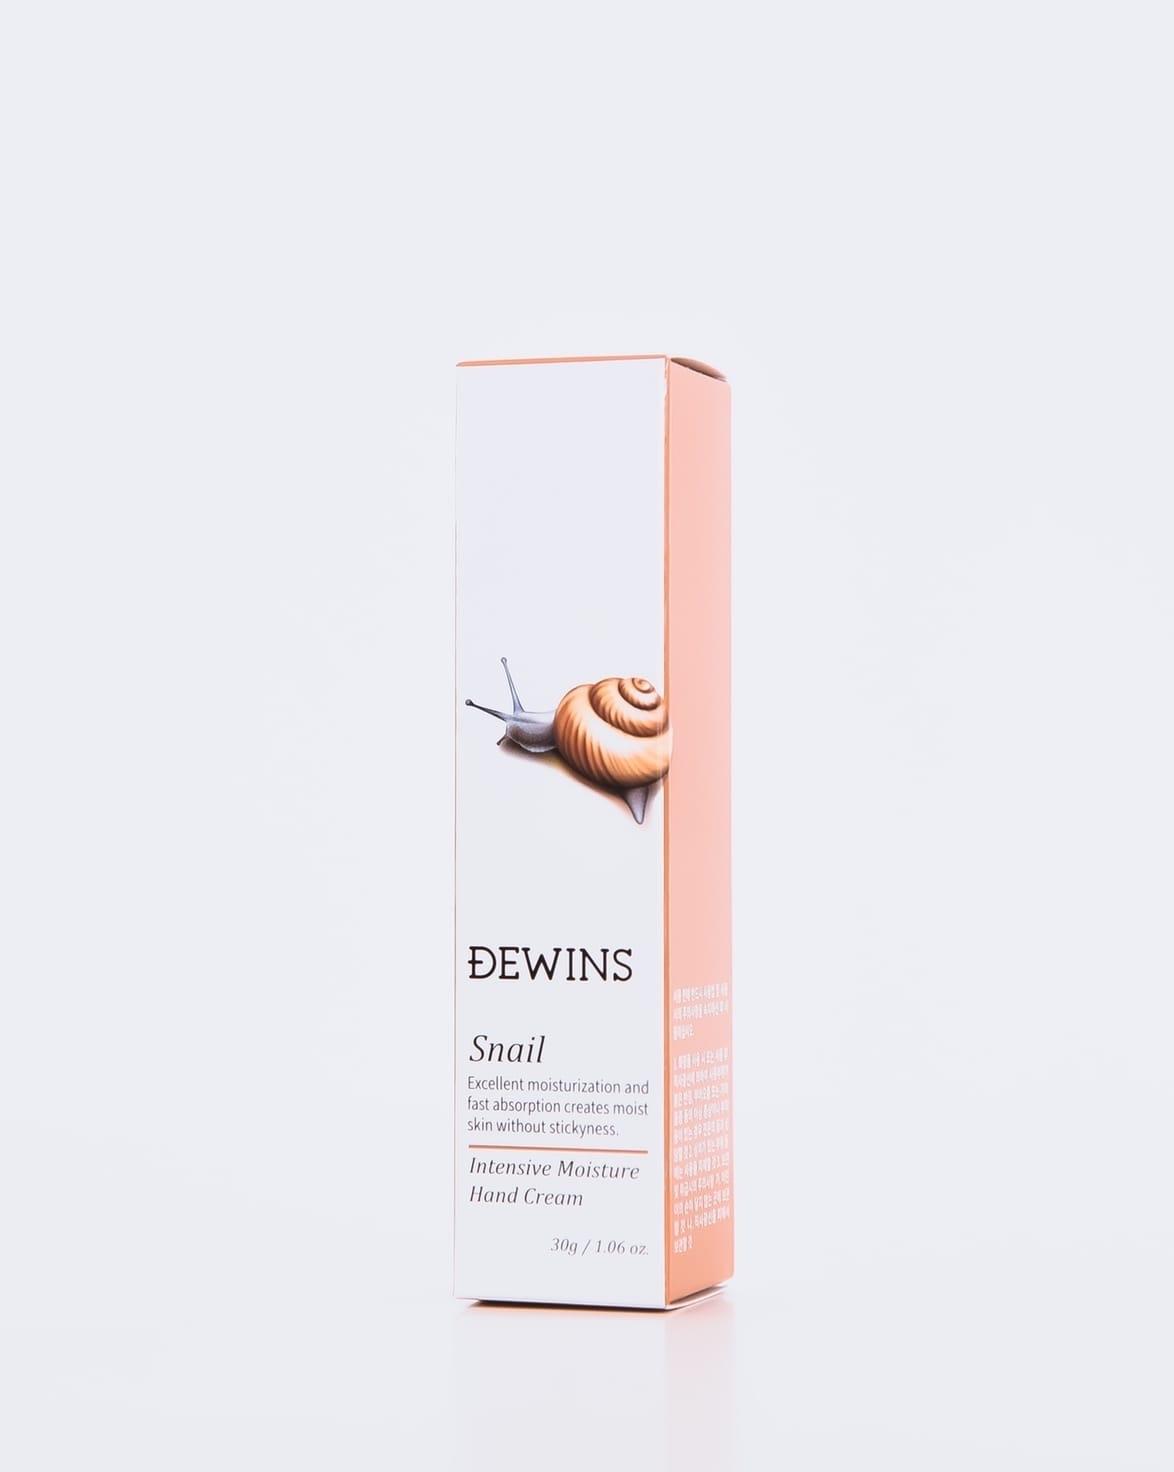 Интенсивно увлажняющий крем для рук с муцином улитки, DEWINS Snail Hand Cream